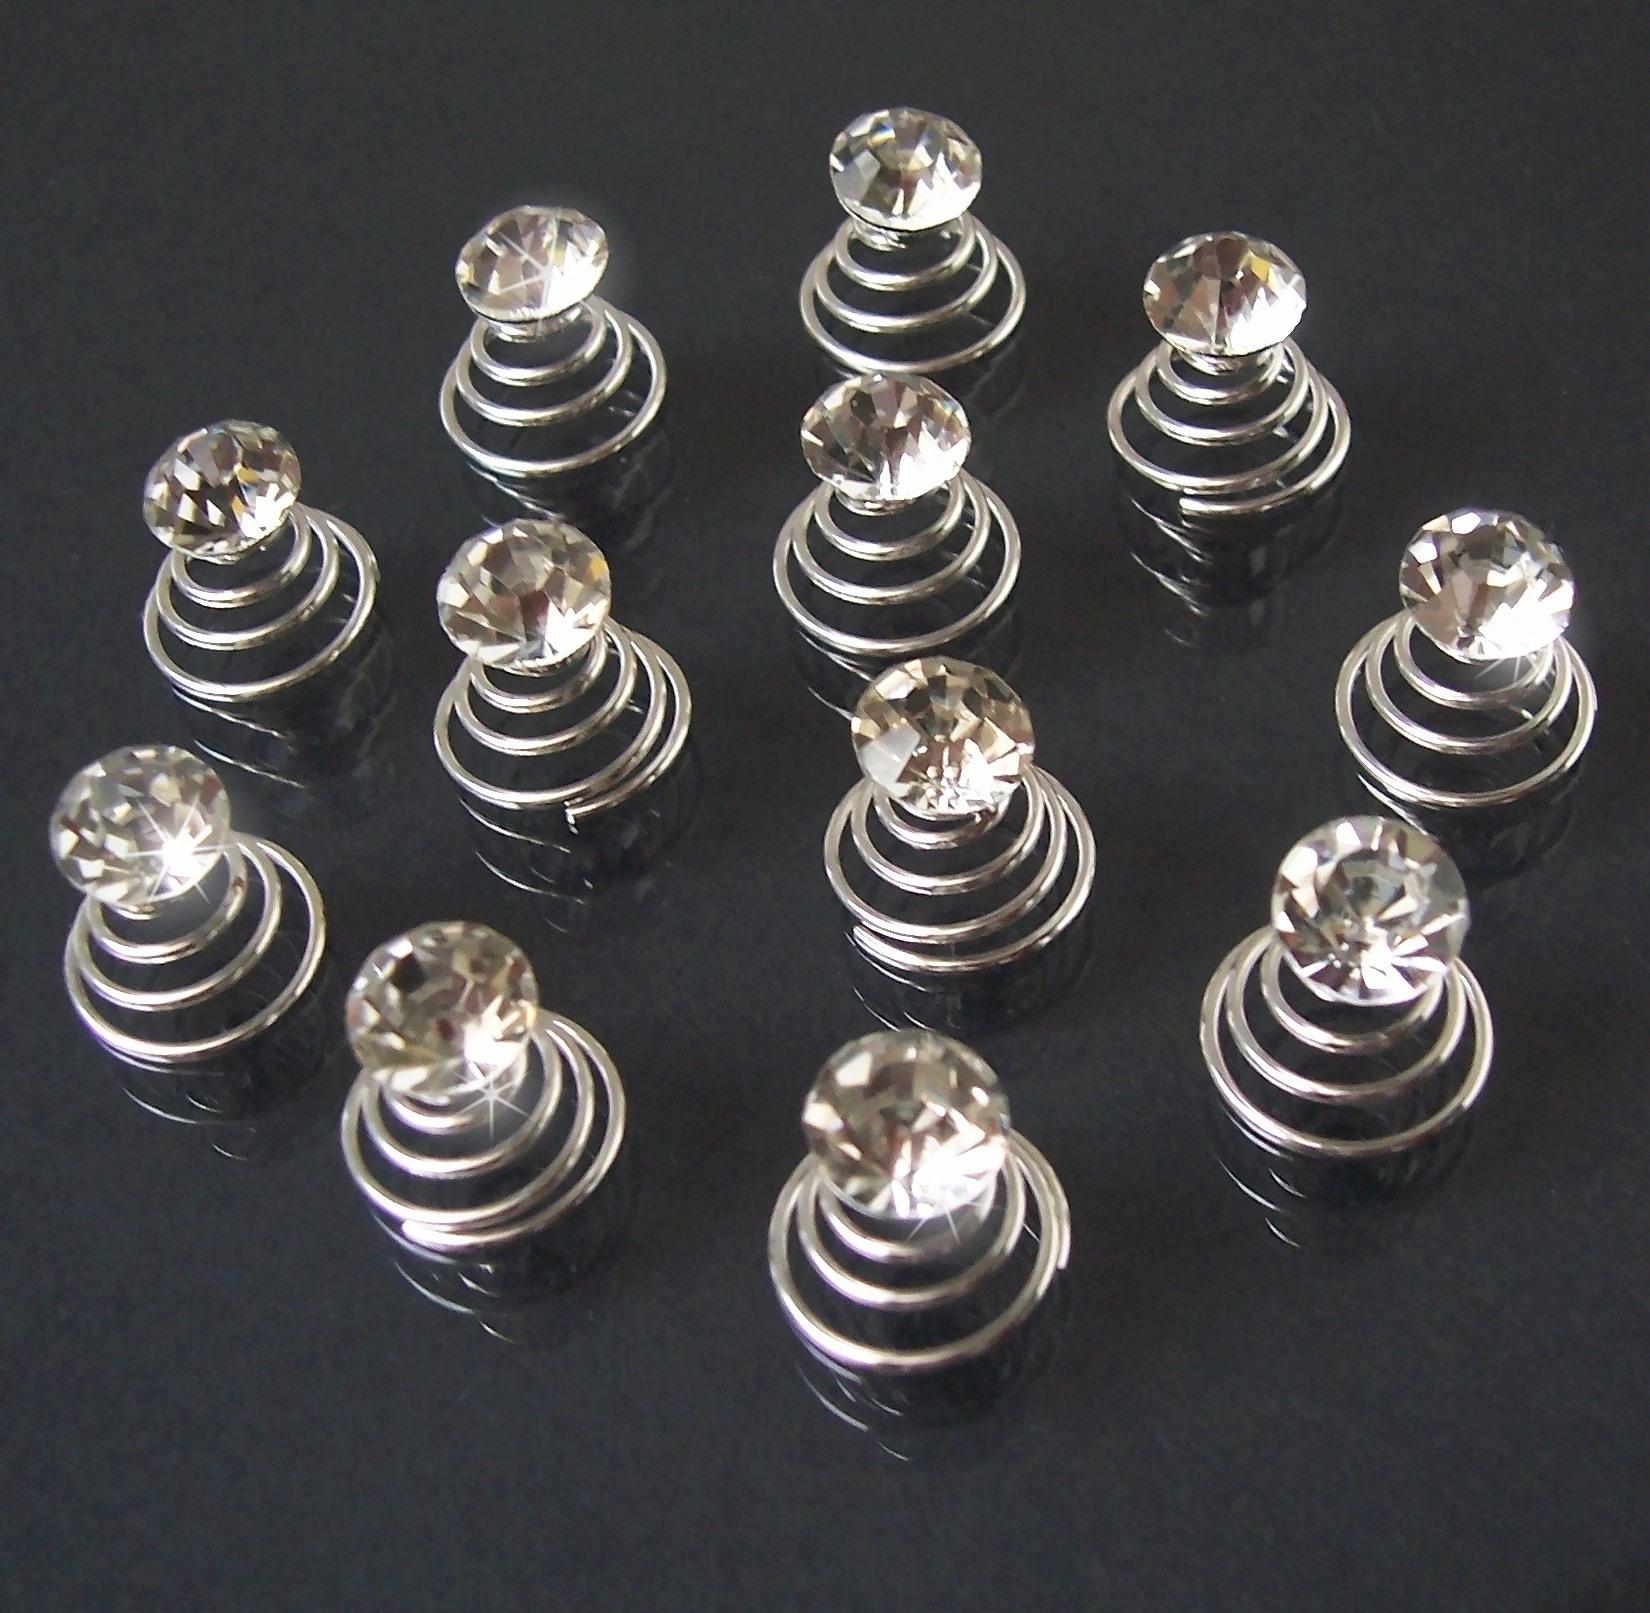 Curlies 12 Stück Strass klar 7mm Haarschmuck Brautschmuck Ball H2611